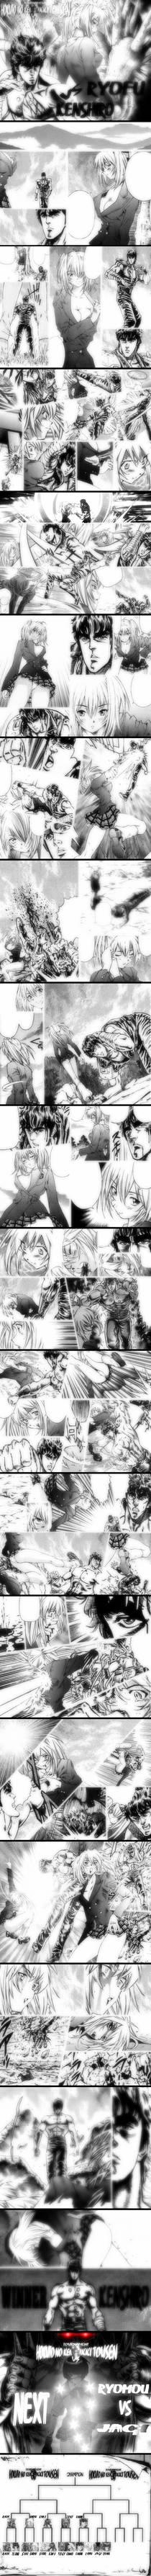 Hokuto no Ken vs IkkiTousen Kenshiro vs Ryofu